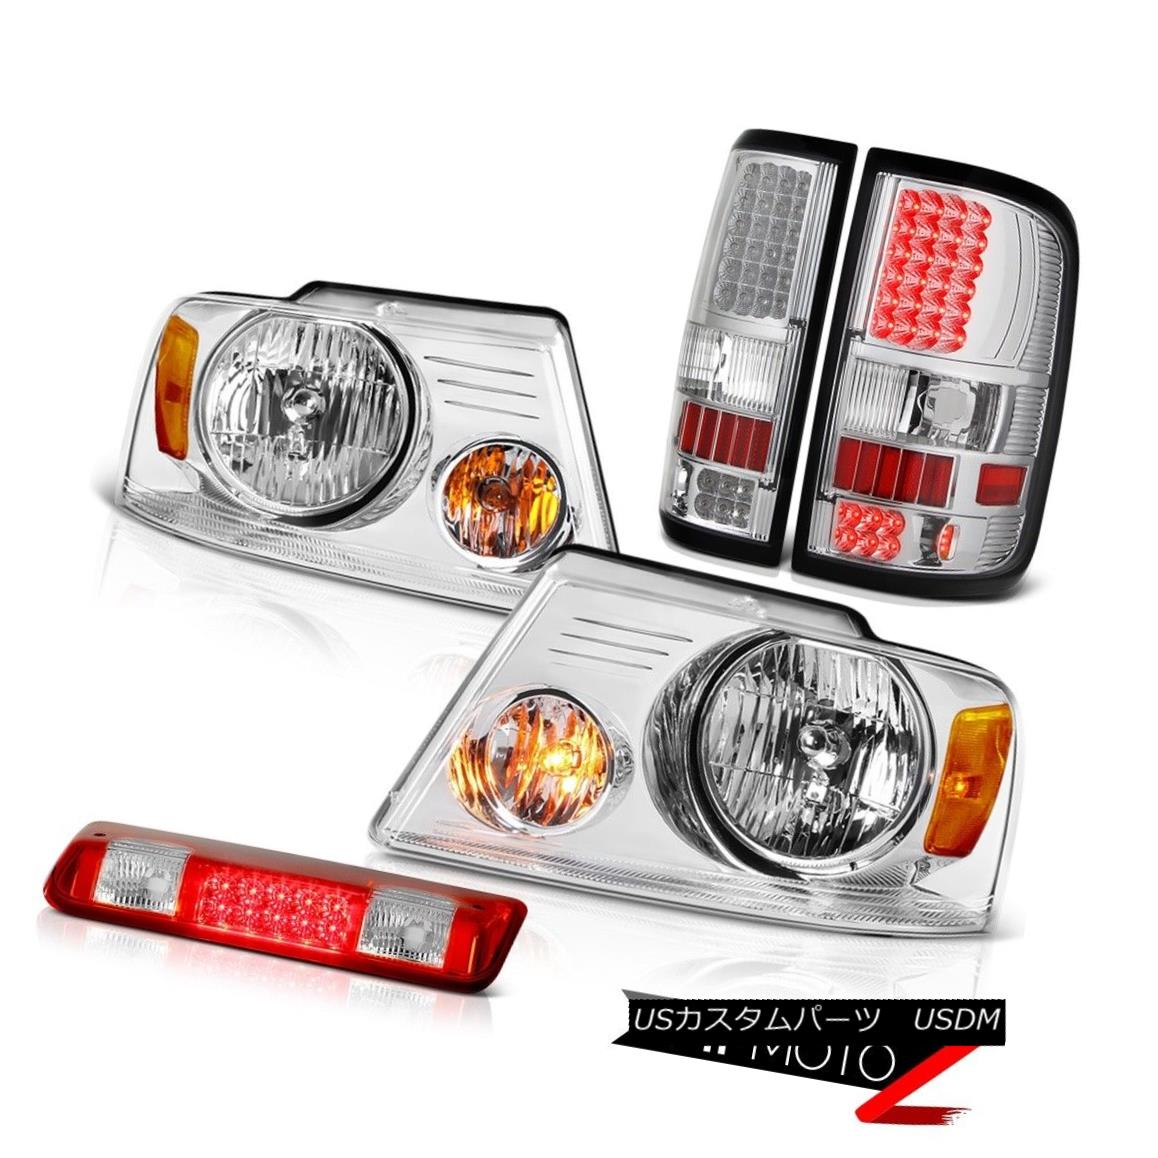 テールライト 04-08 Ford F150 XL Red Roof Cab Lamp Euro Chrome Headlamps Tail Brake Lights SMD 04-08フォードF150 XL赤い屋根のキャブランプユーロクロームヘッドランプテールブレーキライトSMD